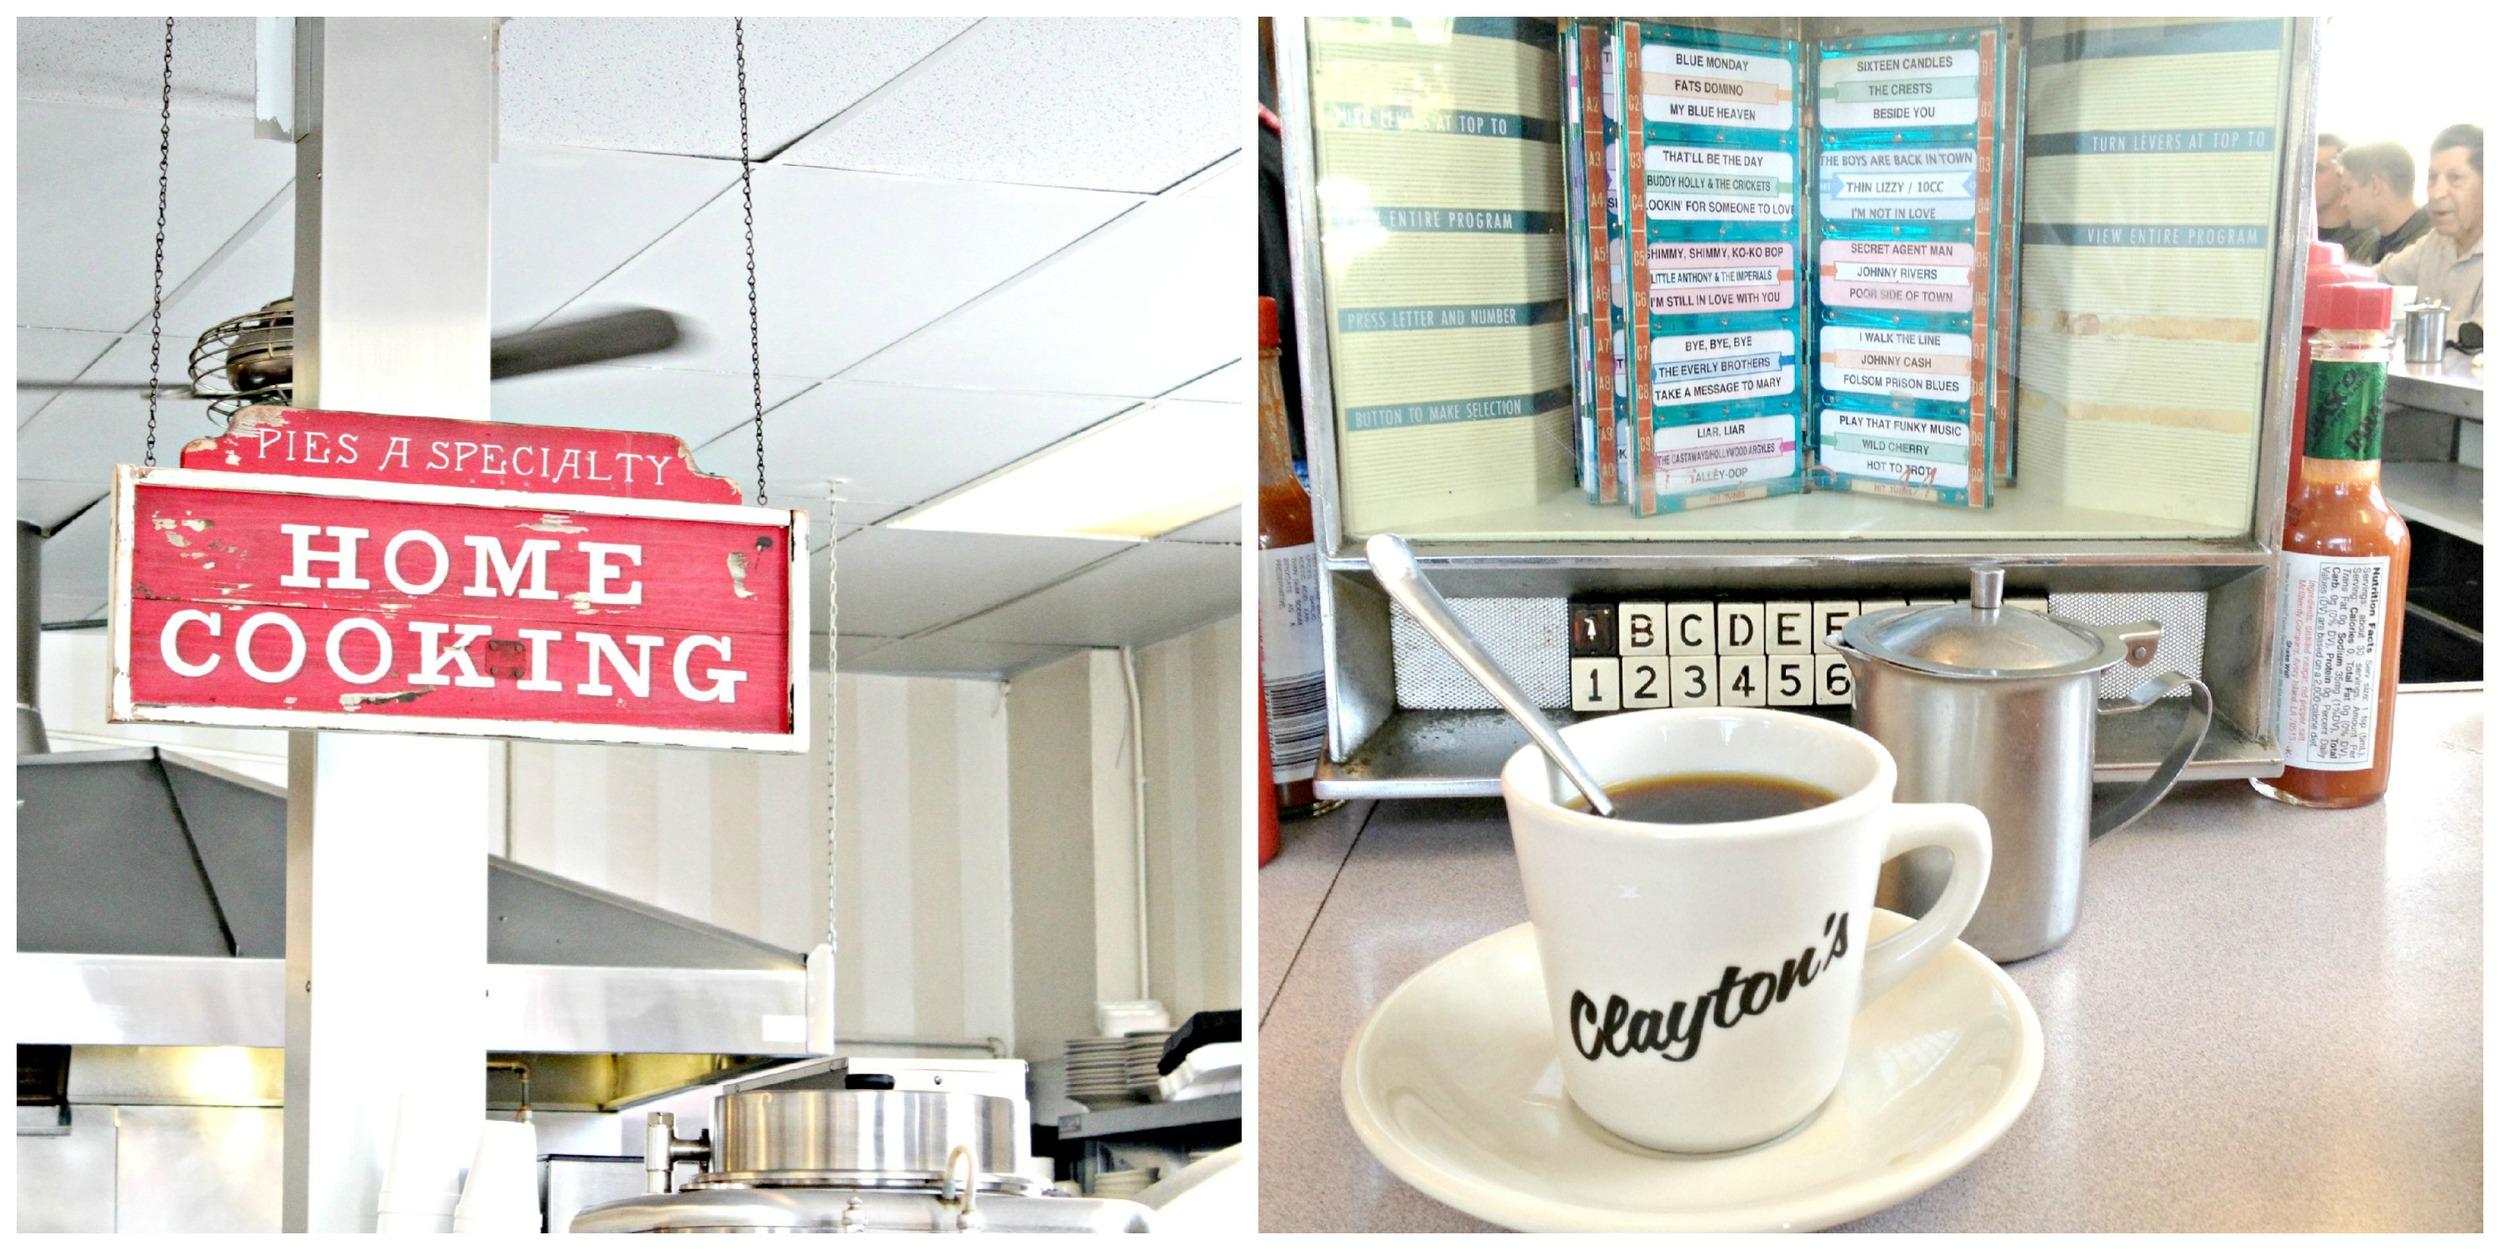 Clayton's Coffee Shop in Coronado